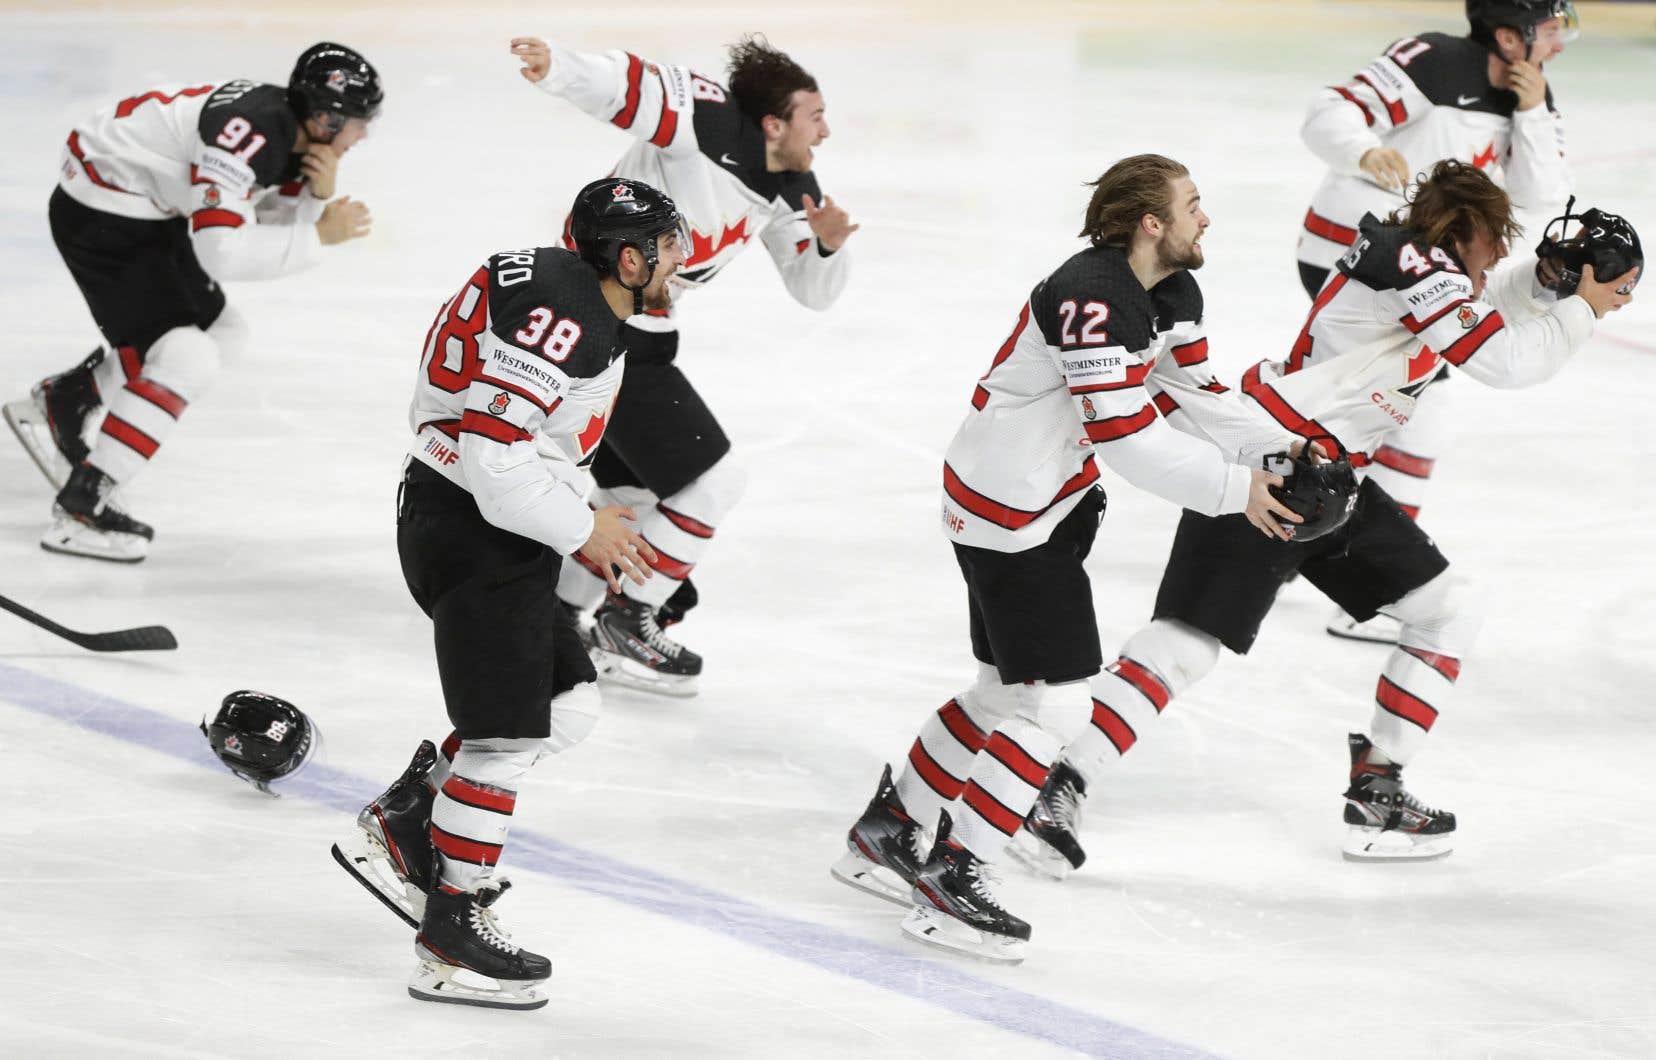 Les joueurs de l'équipe canadienne célèbrent leur victoire lors de la finale du Championnat du monde de hockey sur glace.